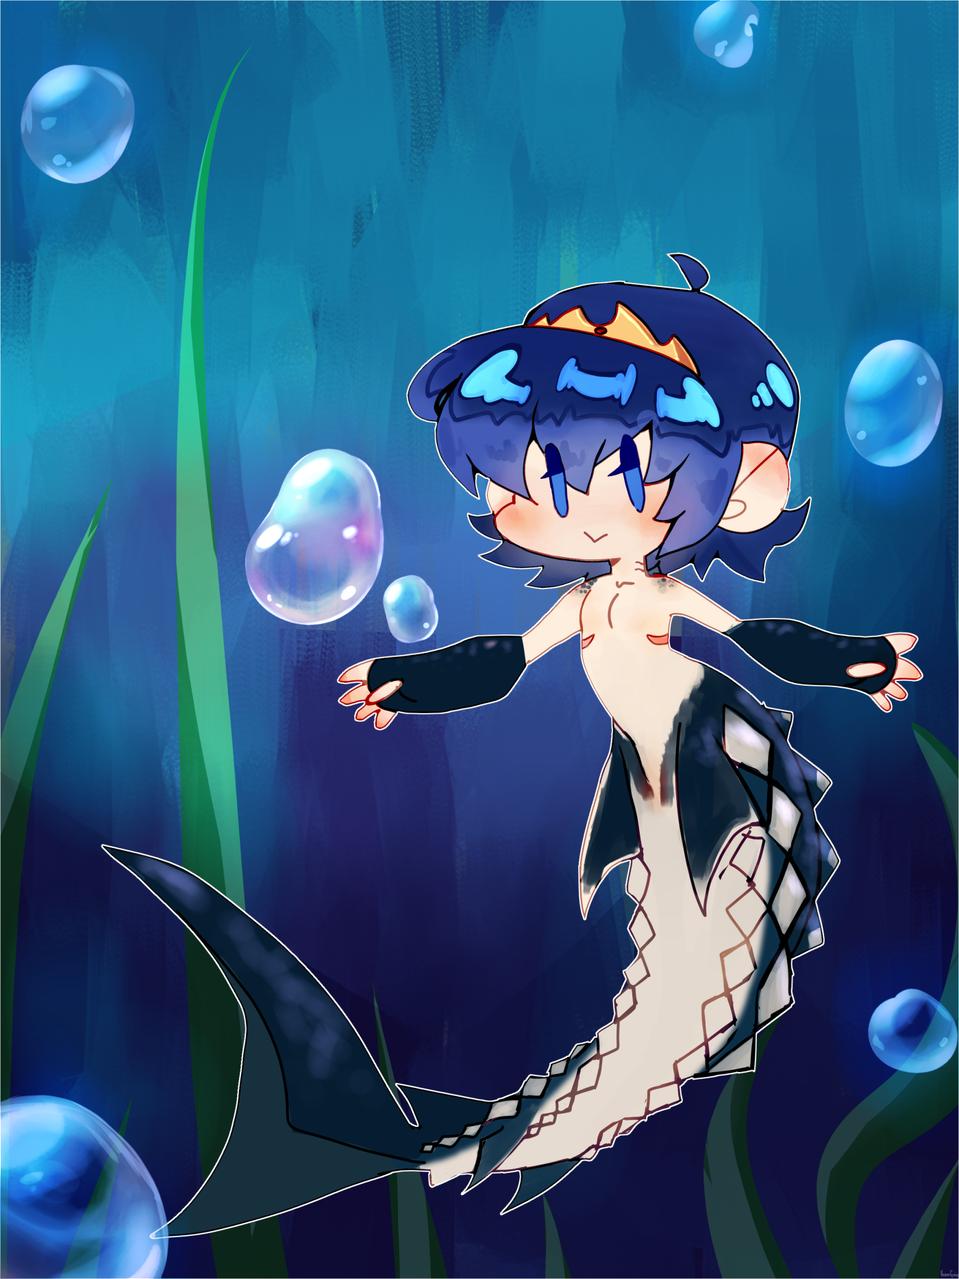 Mermarth Illust of 新芽 medibangpaint anime mermaid FireEmblem cute SuperSmashBros.